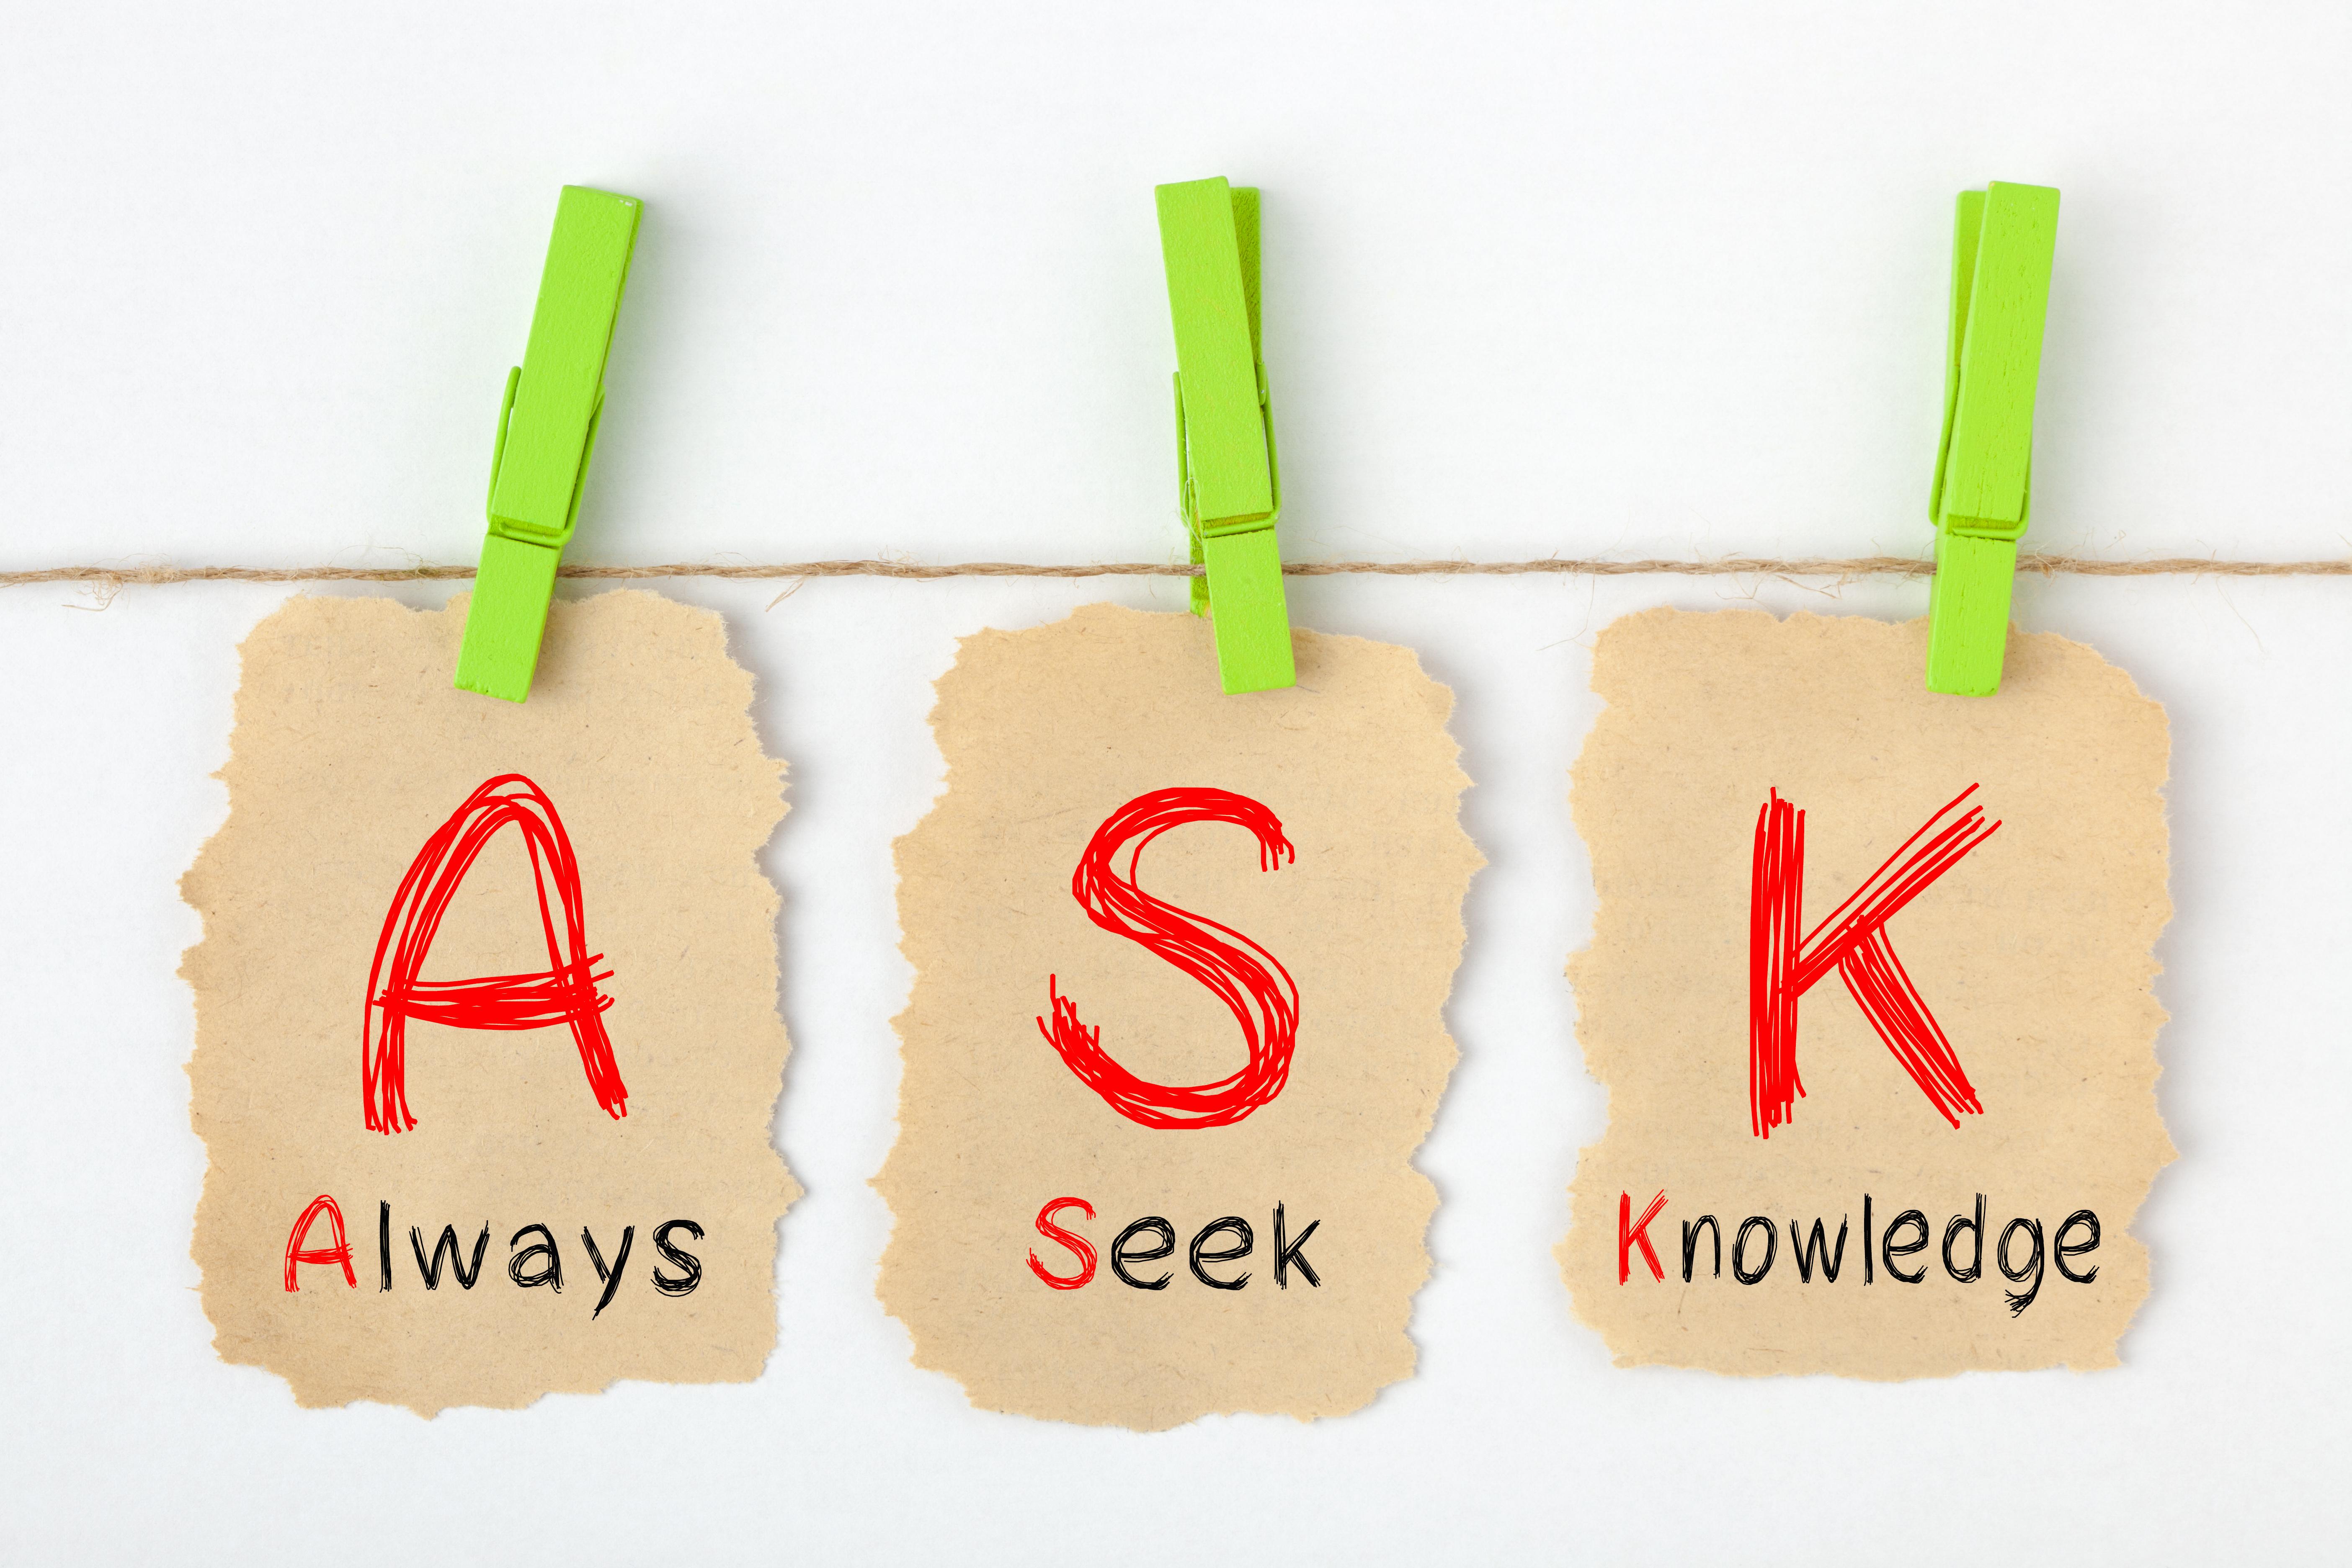 הבלוג הניהולי – מרכז הידע המקיף והגדול ביותר למנהלים